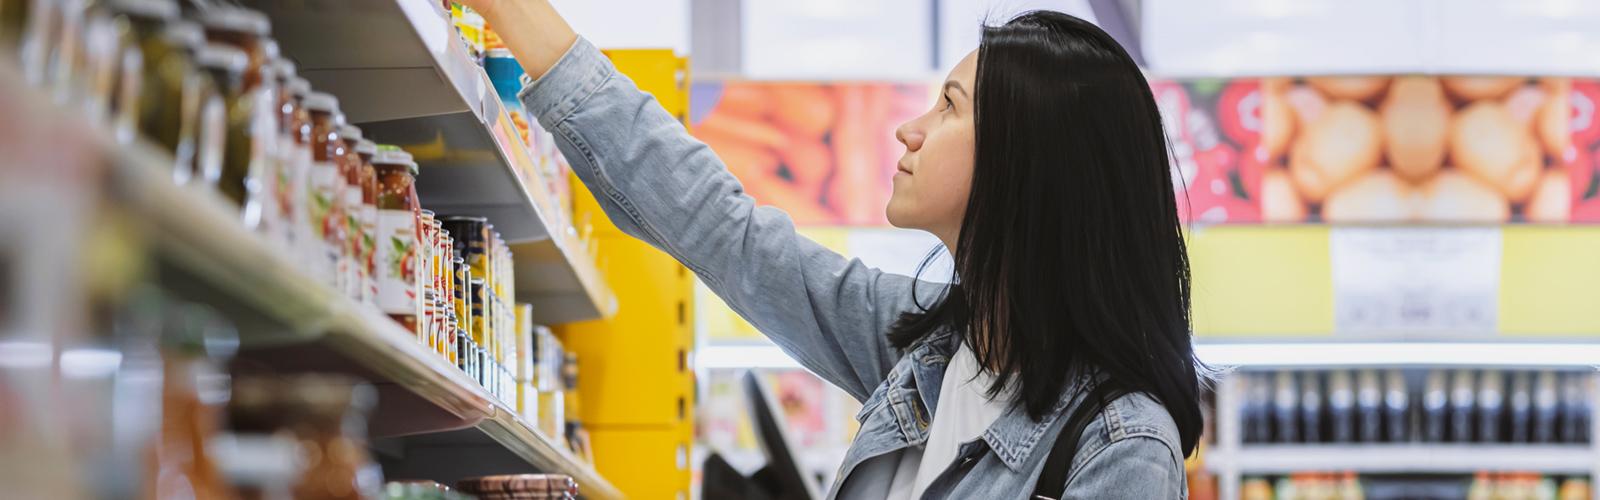 Reimagine Consumer Experience